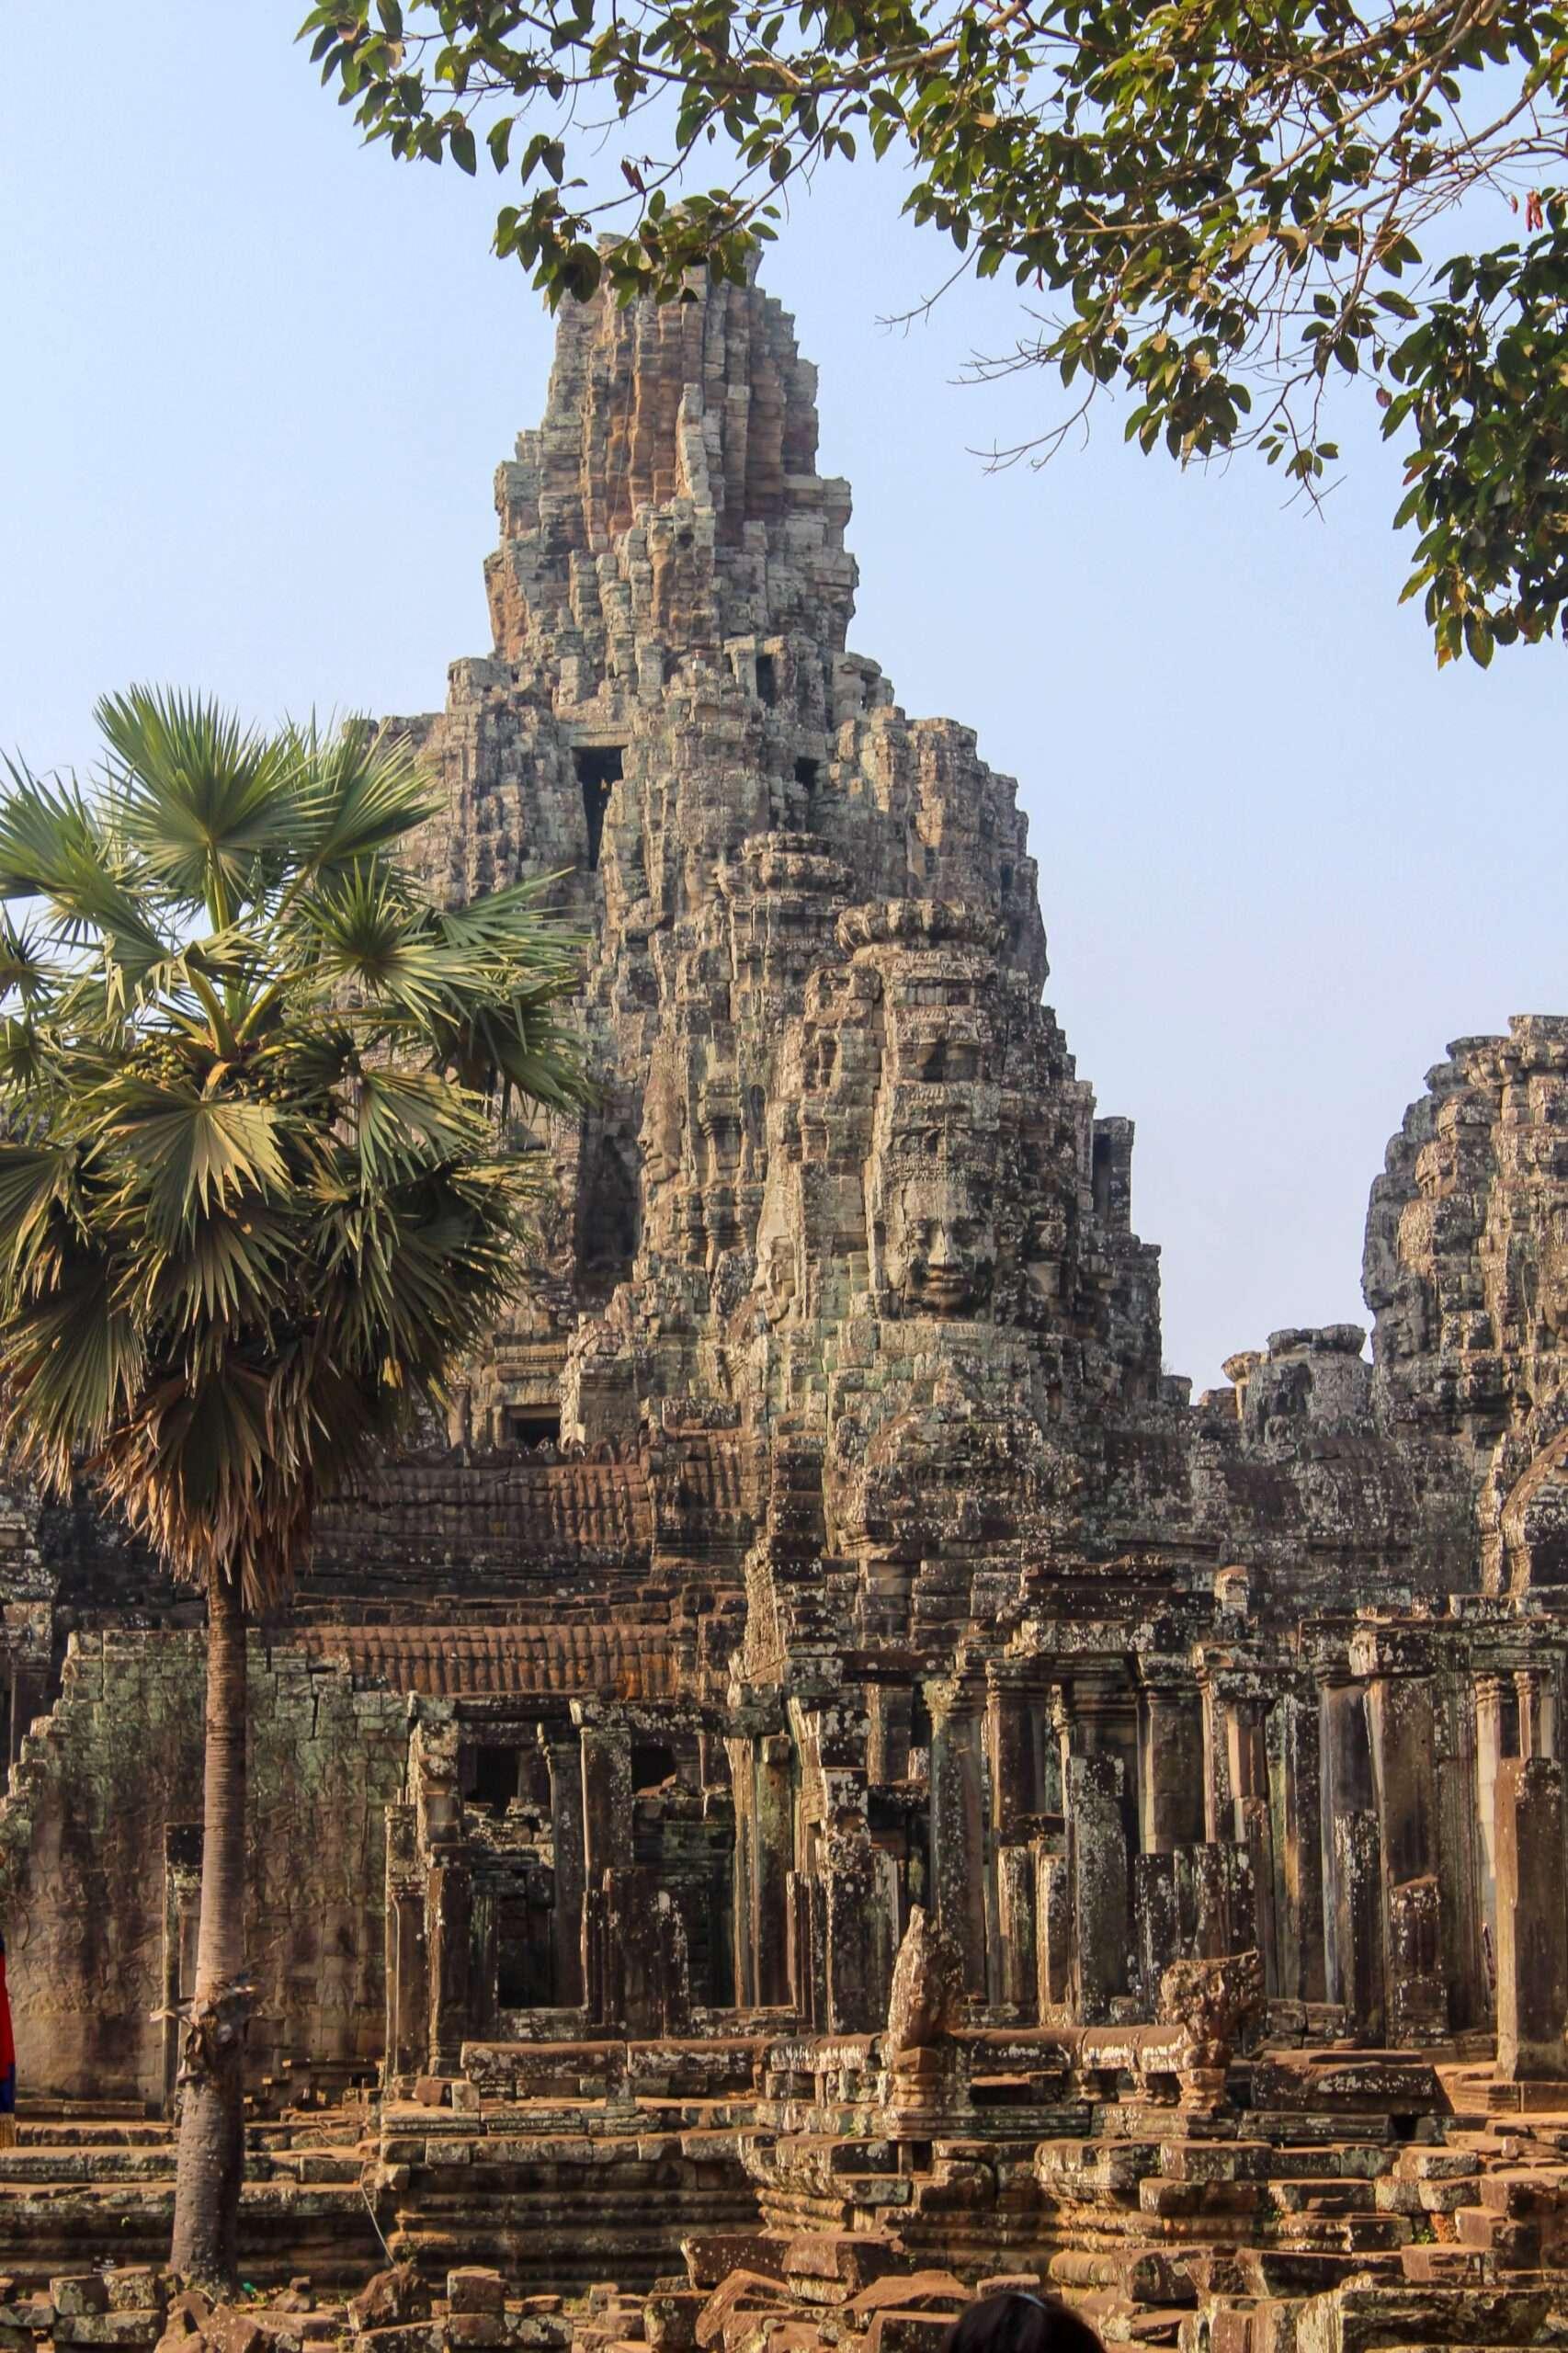 rock formation as part of the ruins at Angkor Wat, Cambodia